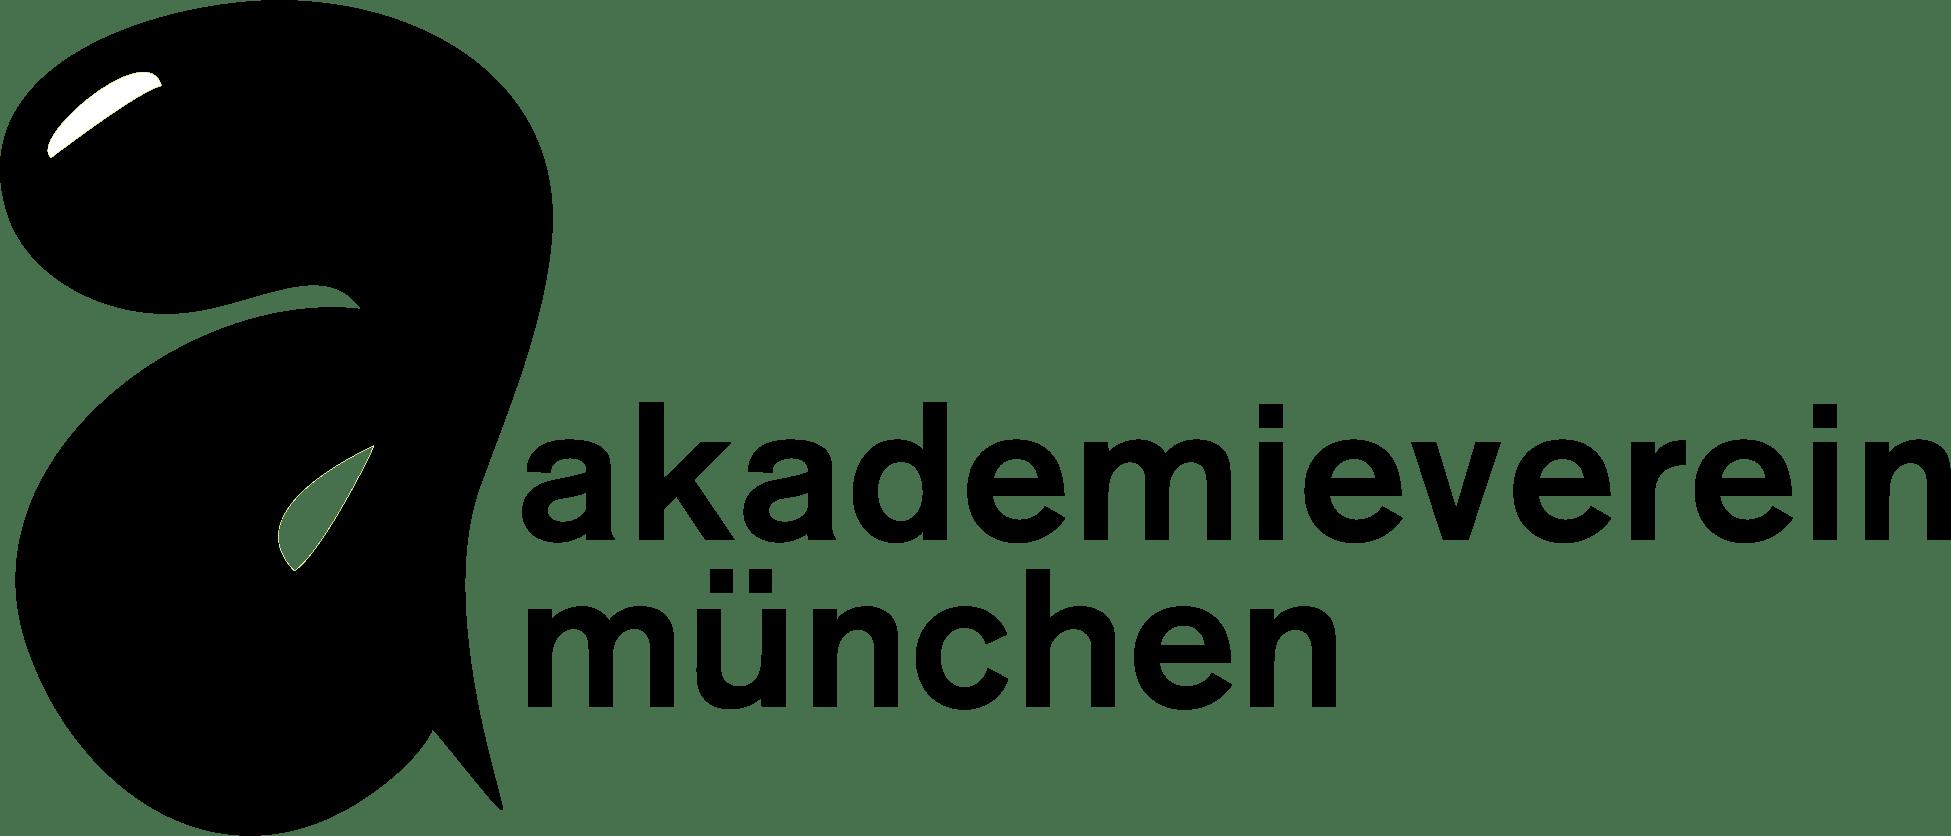 Akademieverein